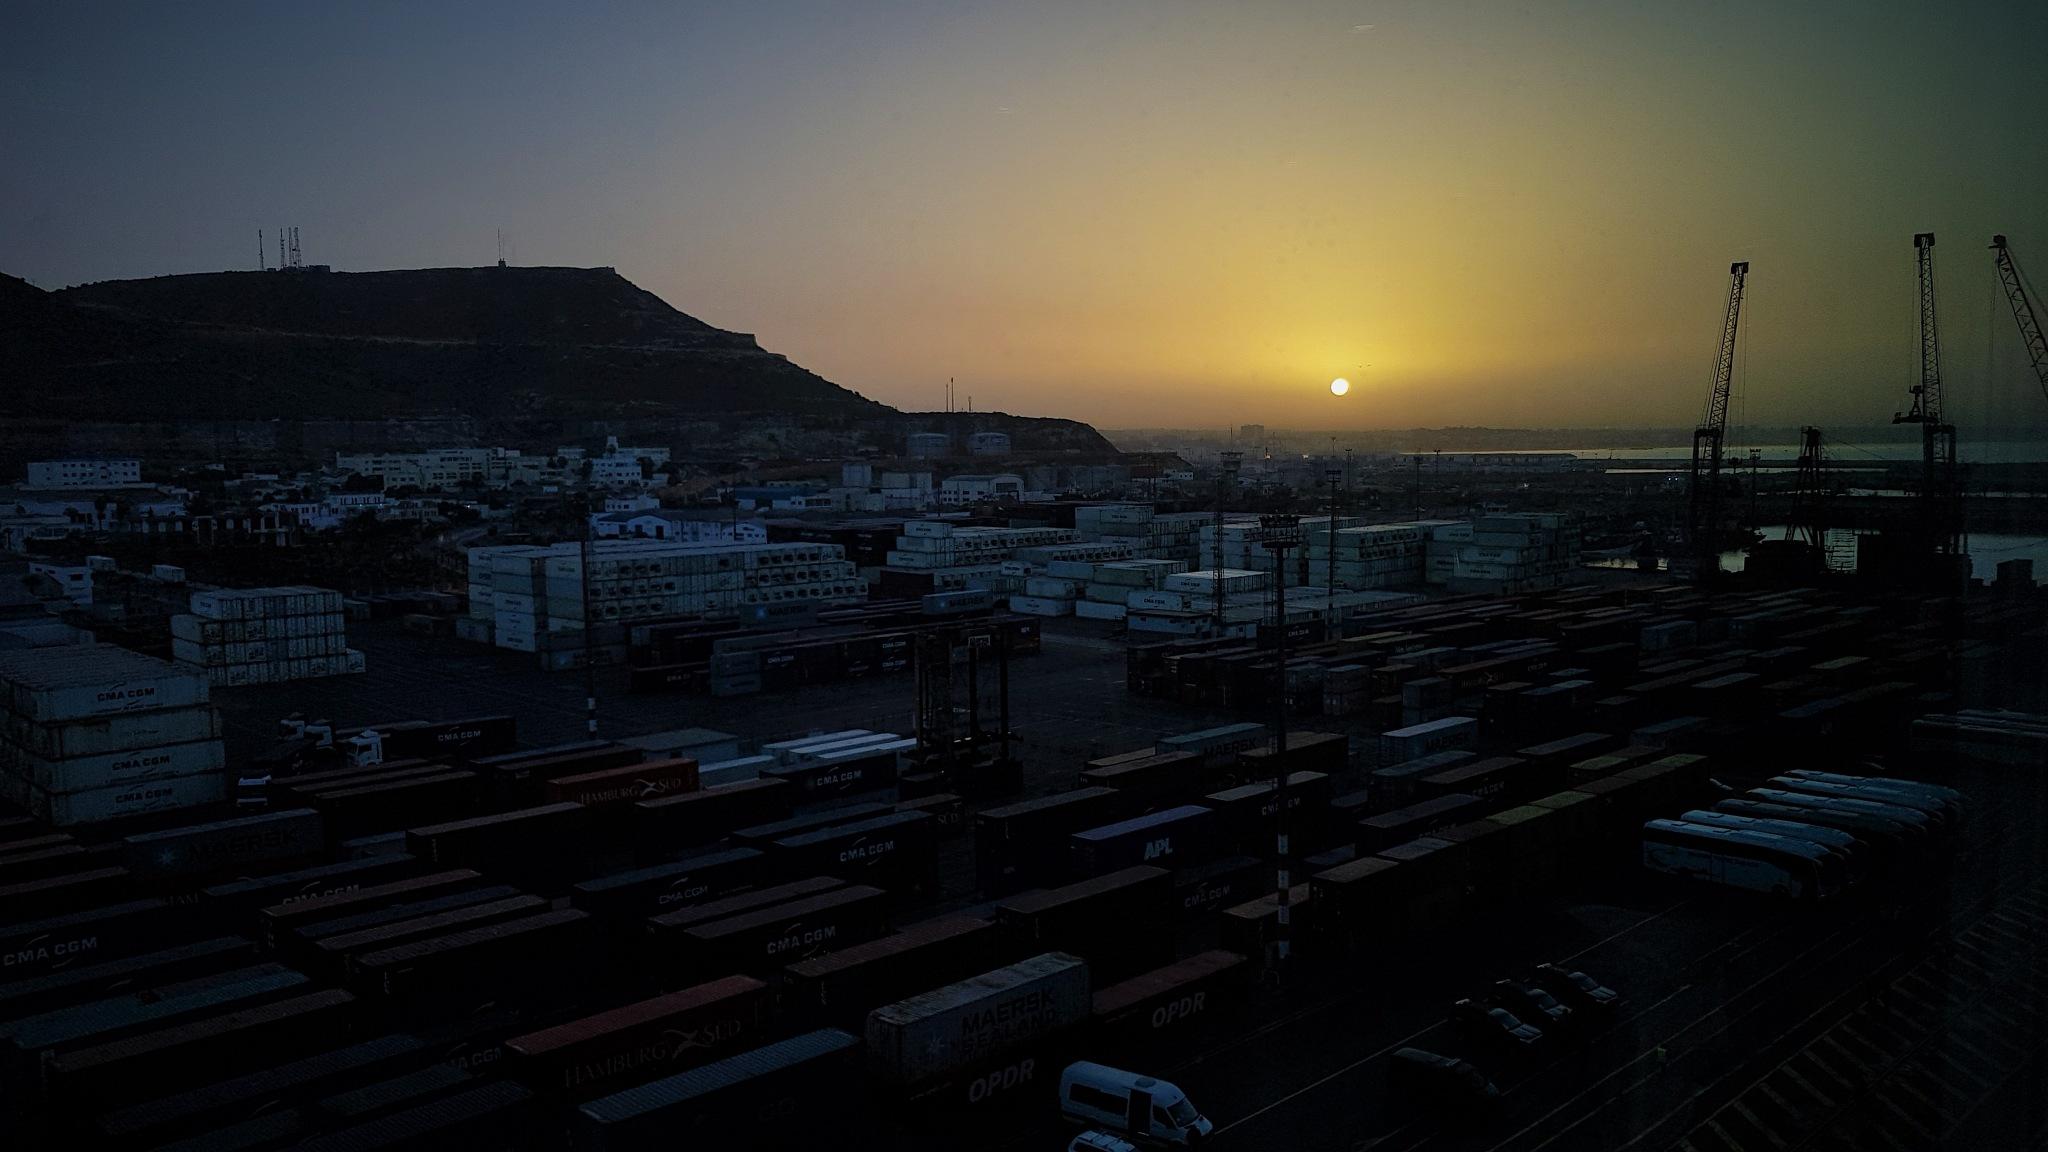 Sonnenaufgang in Agadir by percy ottinger